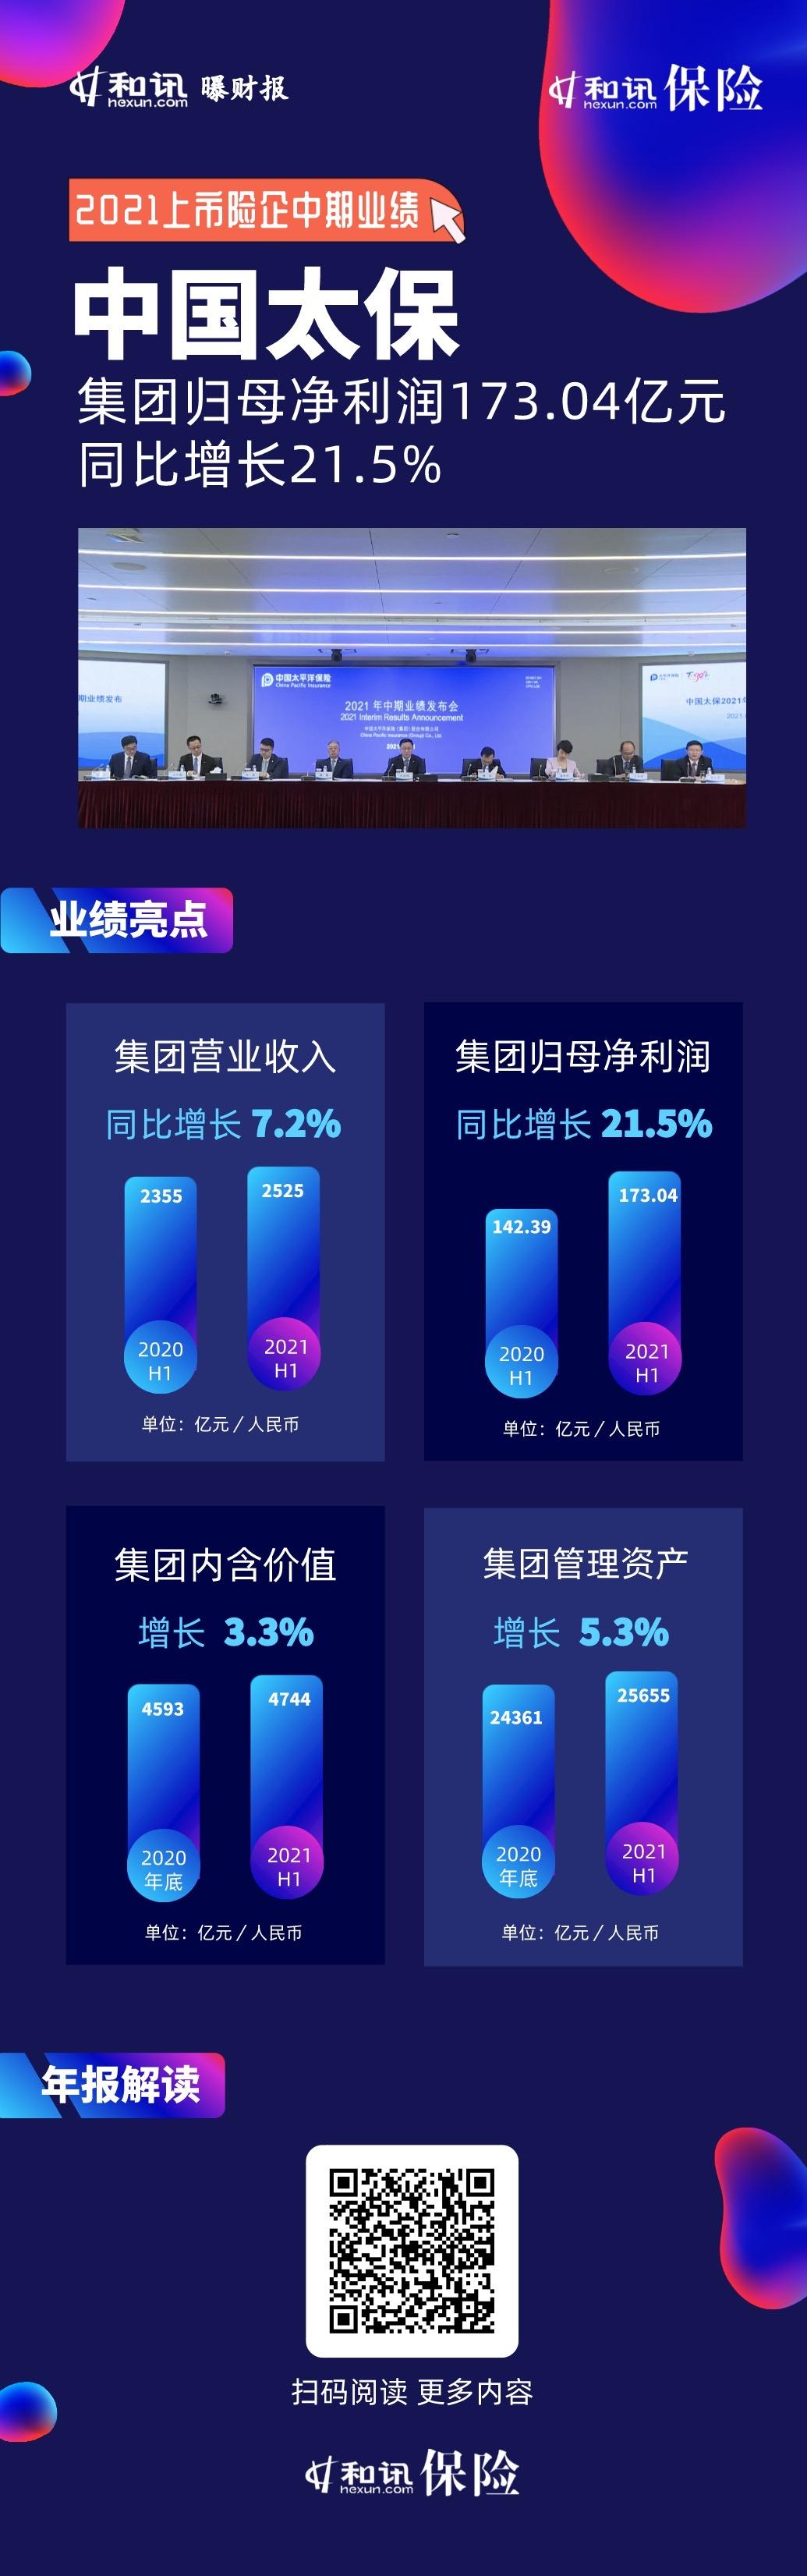 图说中报丨2021中国太保中期业绩